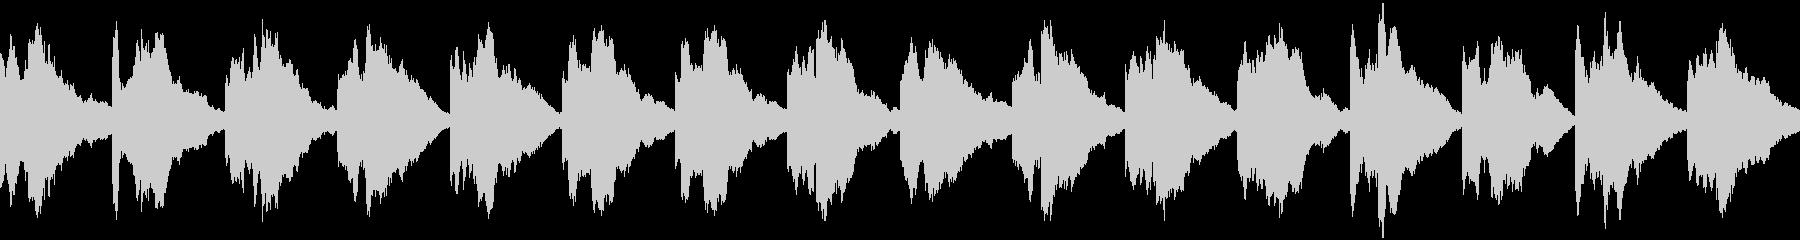 緊急事態の警報音 ピポン ループの未再生の波形